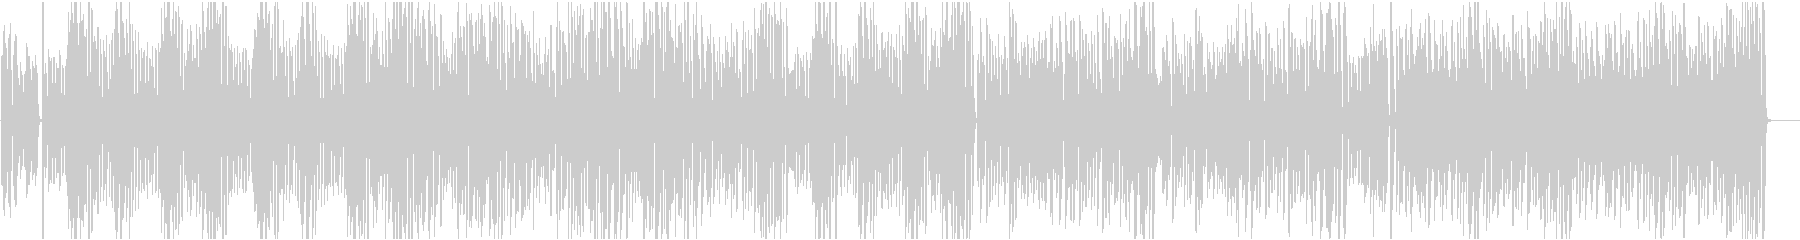 ピアノ名曲 ラグタイムと言えばこの曲の未再生の波形